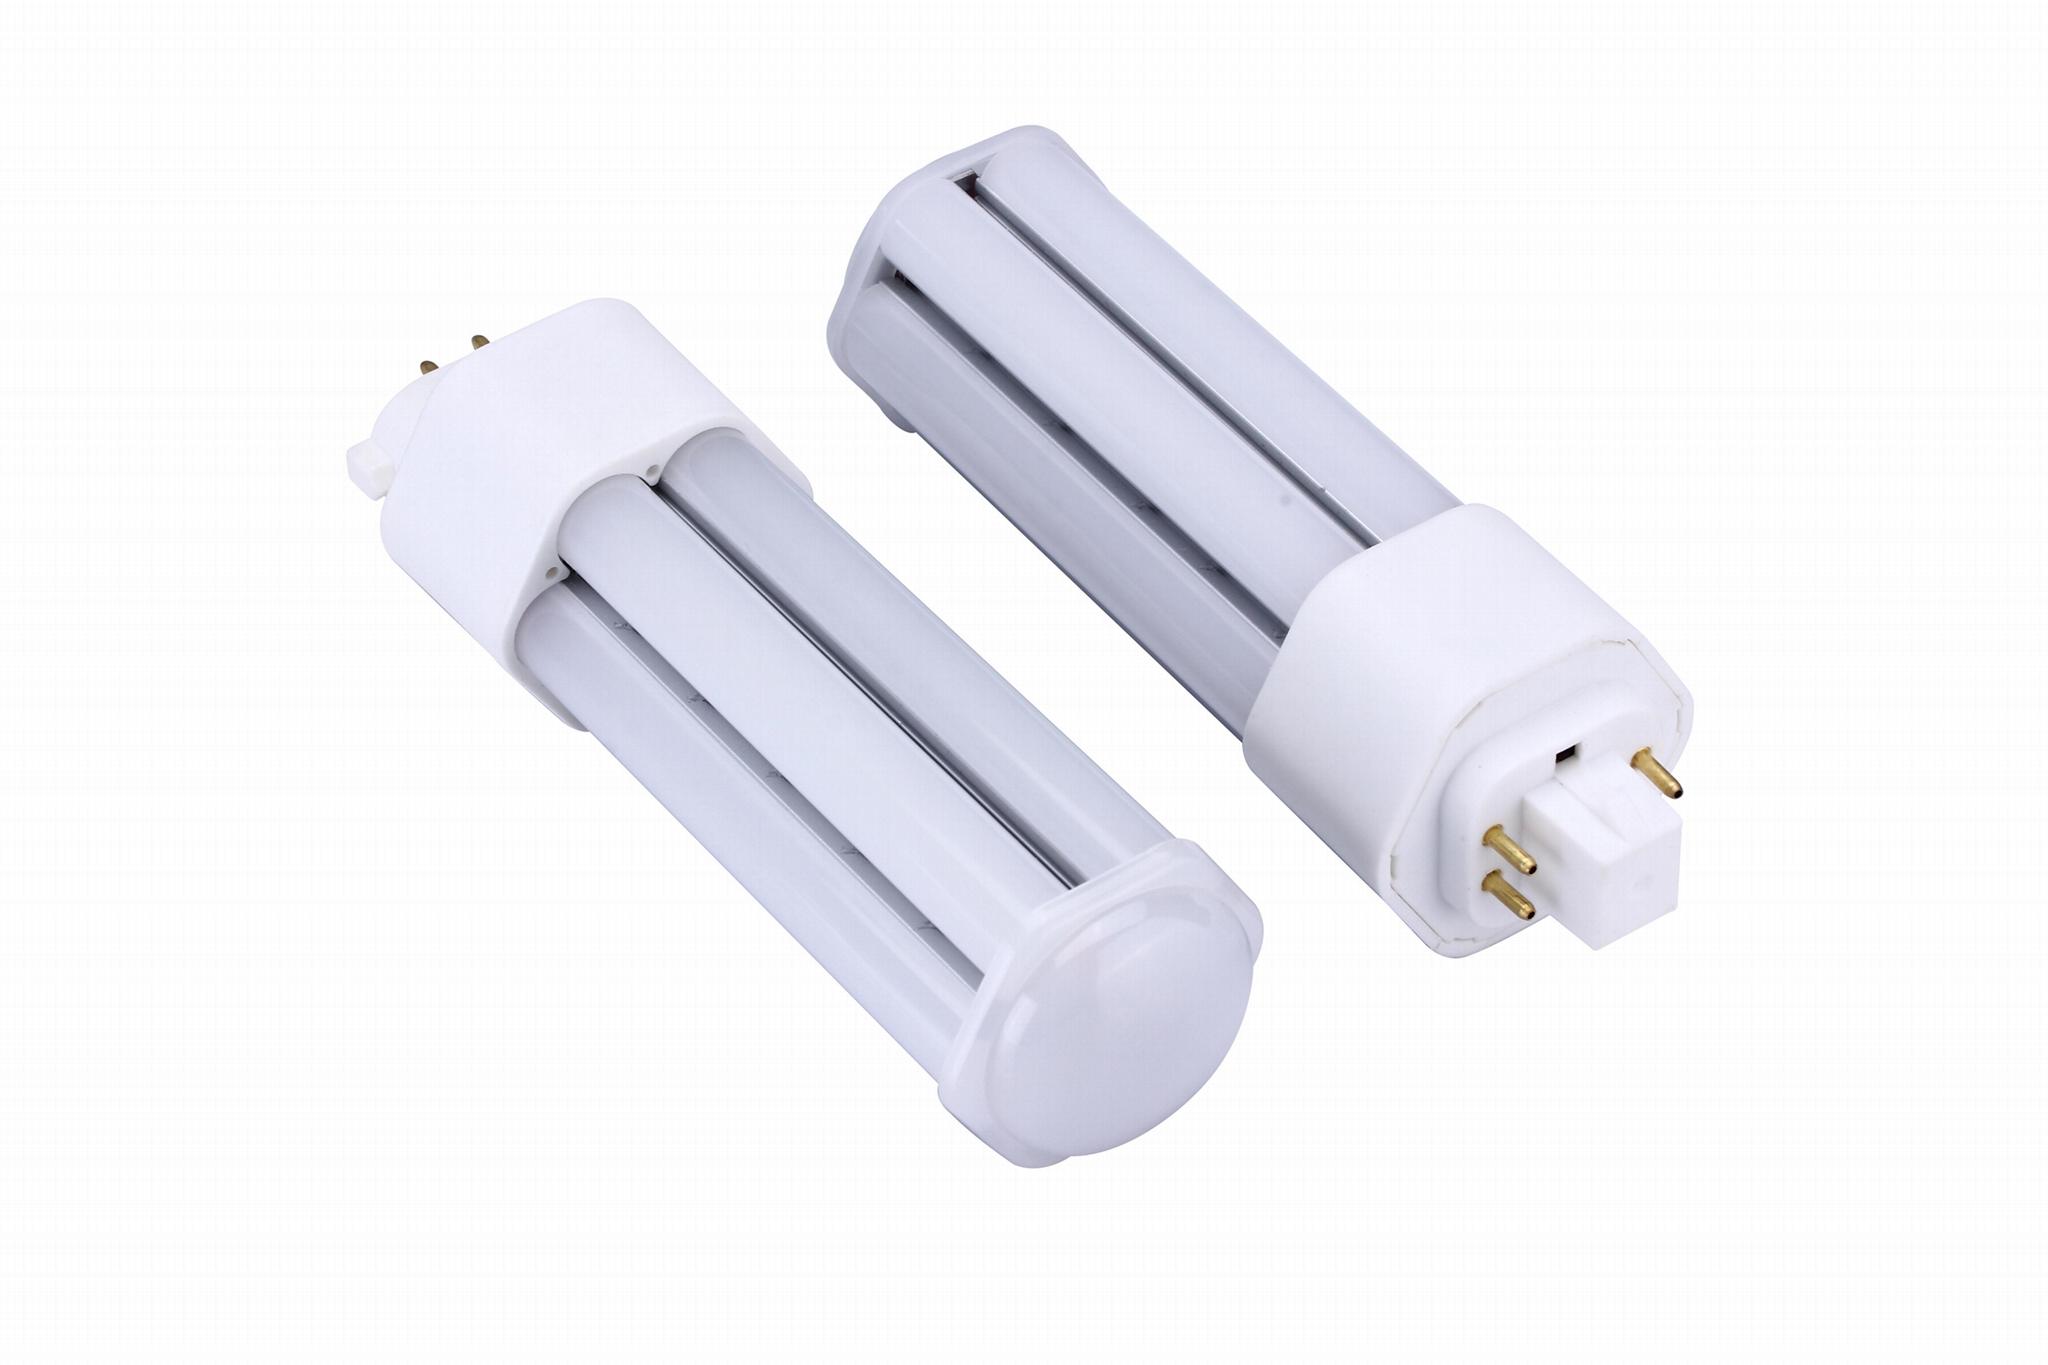 GX24Q LED 節能燈8w 3